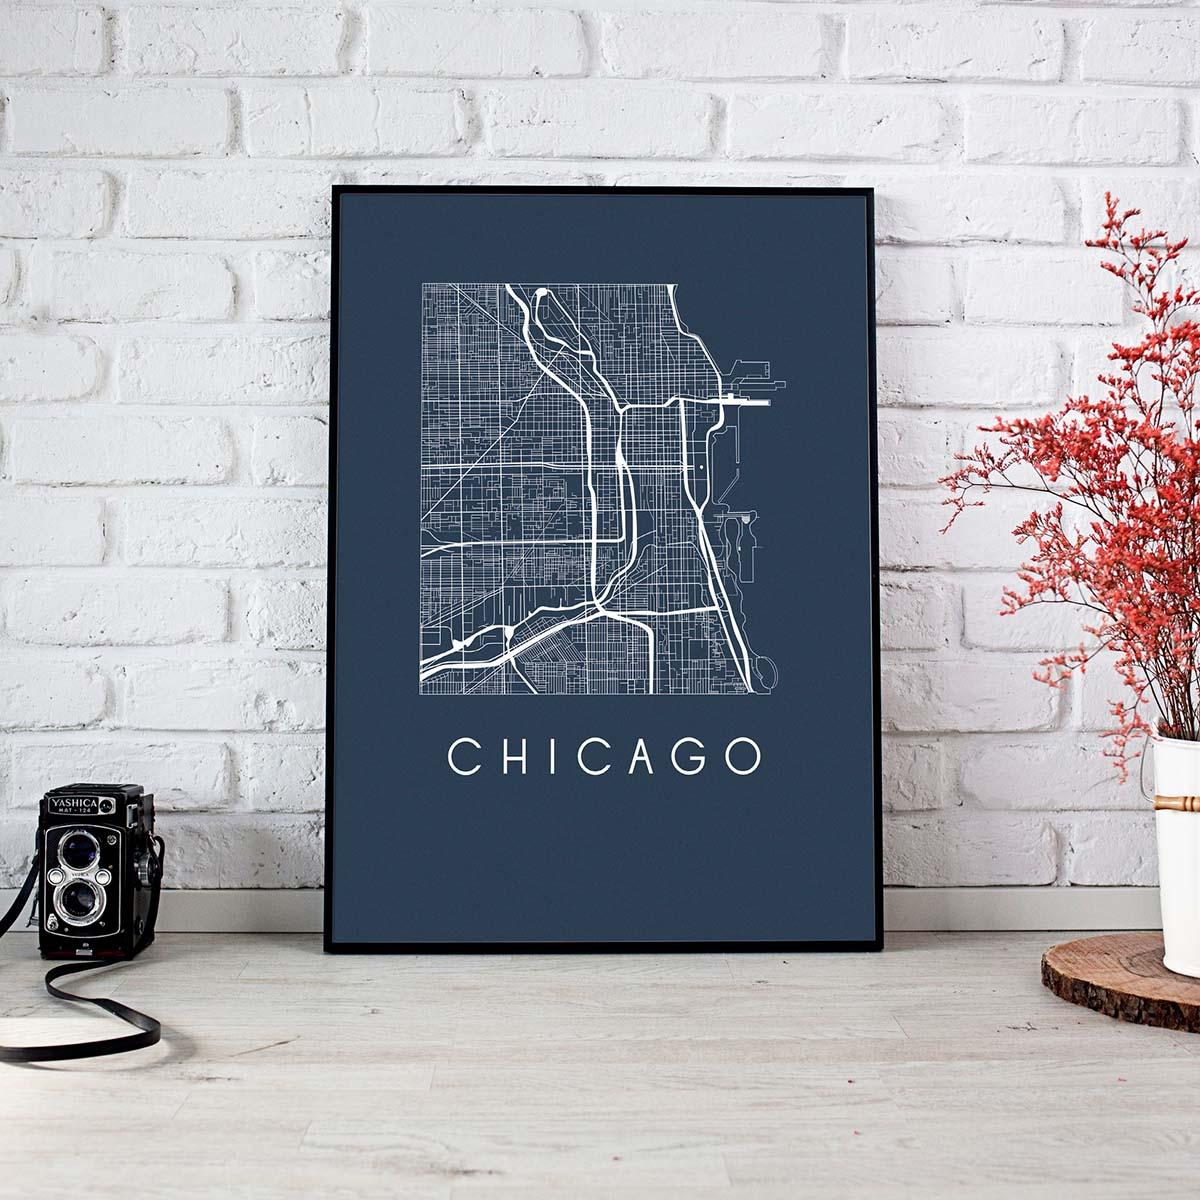 chicago-poster-st.jpg